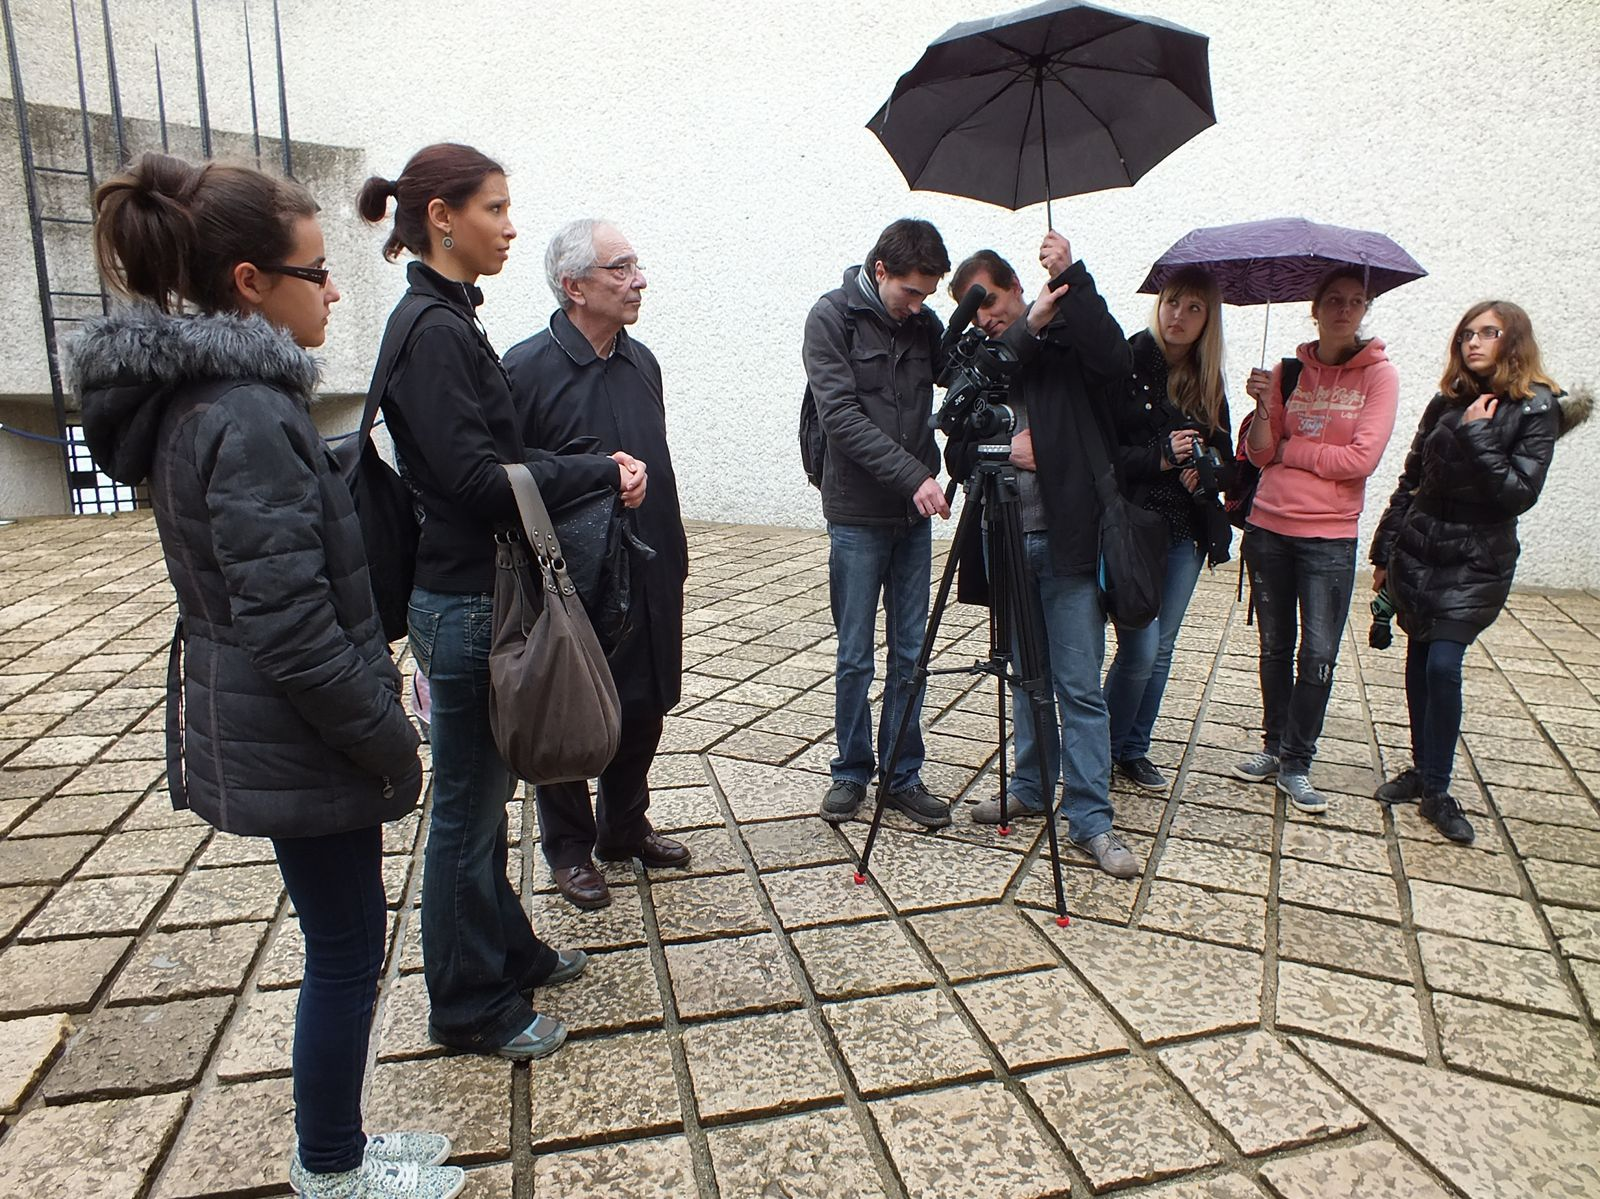 Tournage de séquences du film au Mémorial des martyrs de la Déportation.